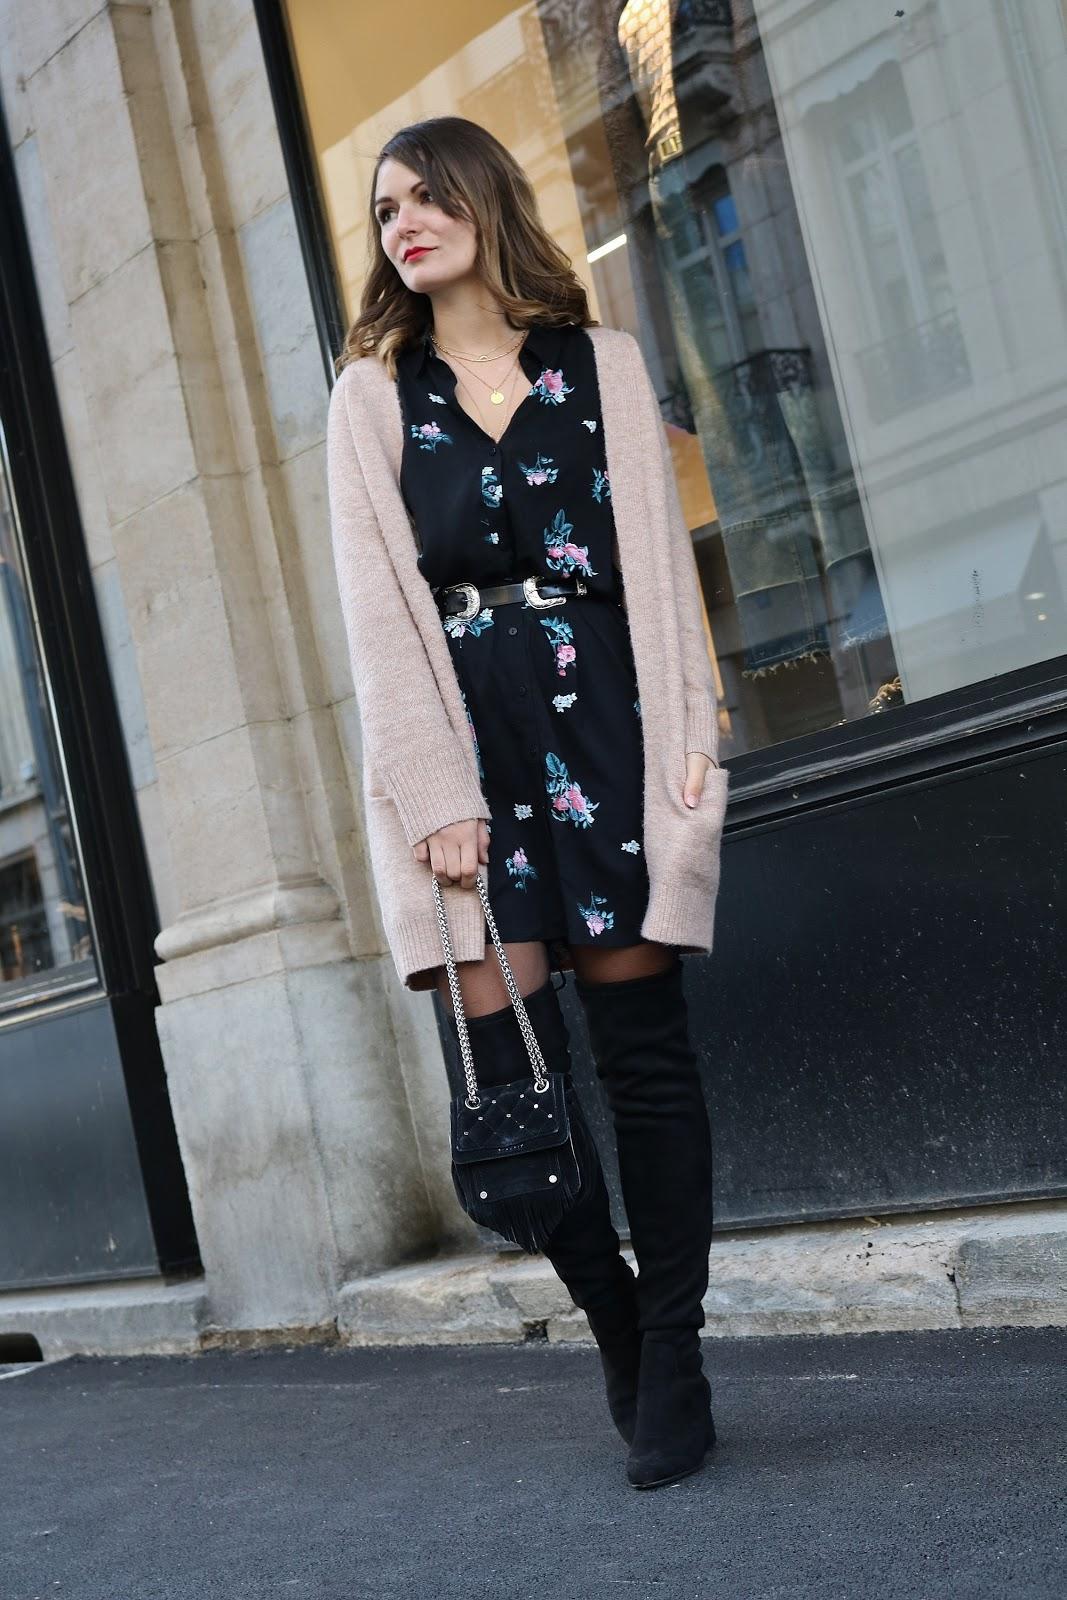 pauline-dress-besancon-blog-mode-cuissardes-tendances-hiver-automne-gilet-cocooning-rose-pale-vieux-kiabi-jonak-promod-robe-fleurs-fleurie-square-saint-amour